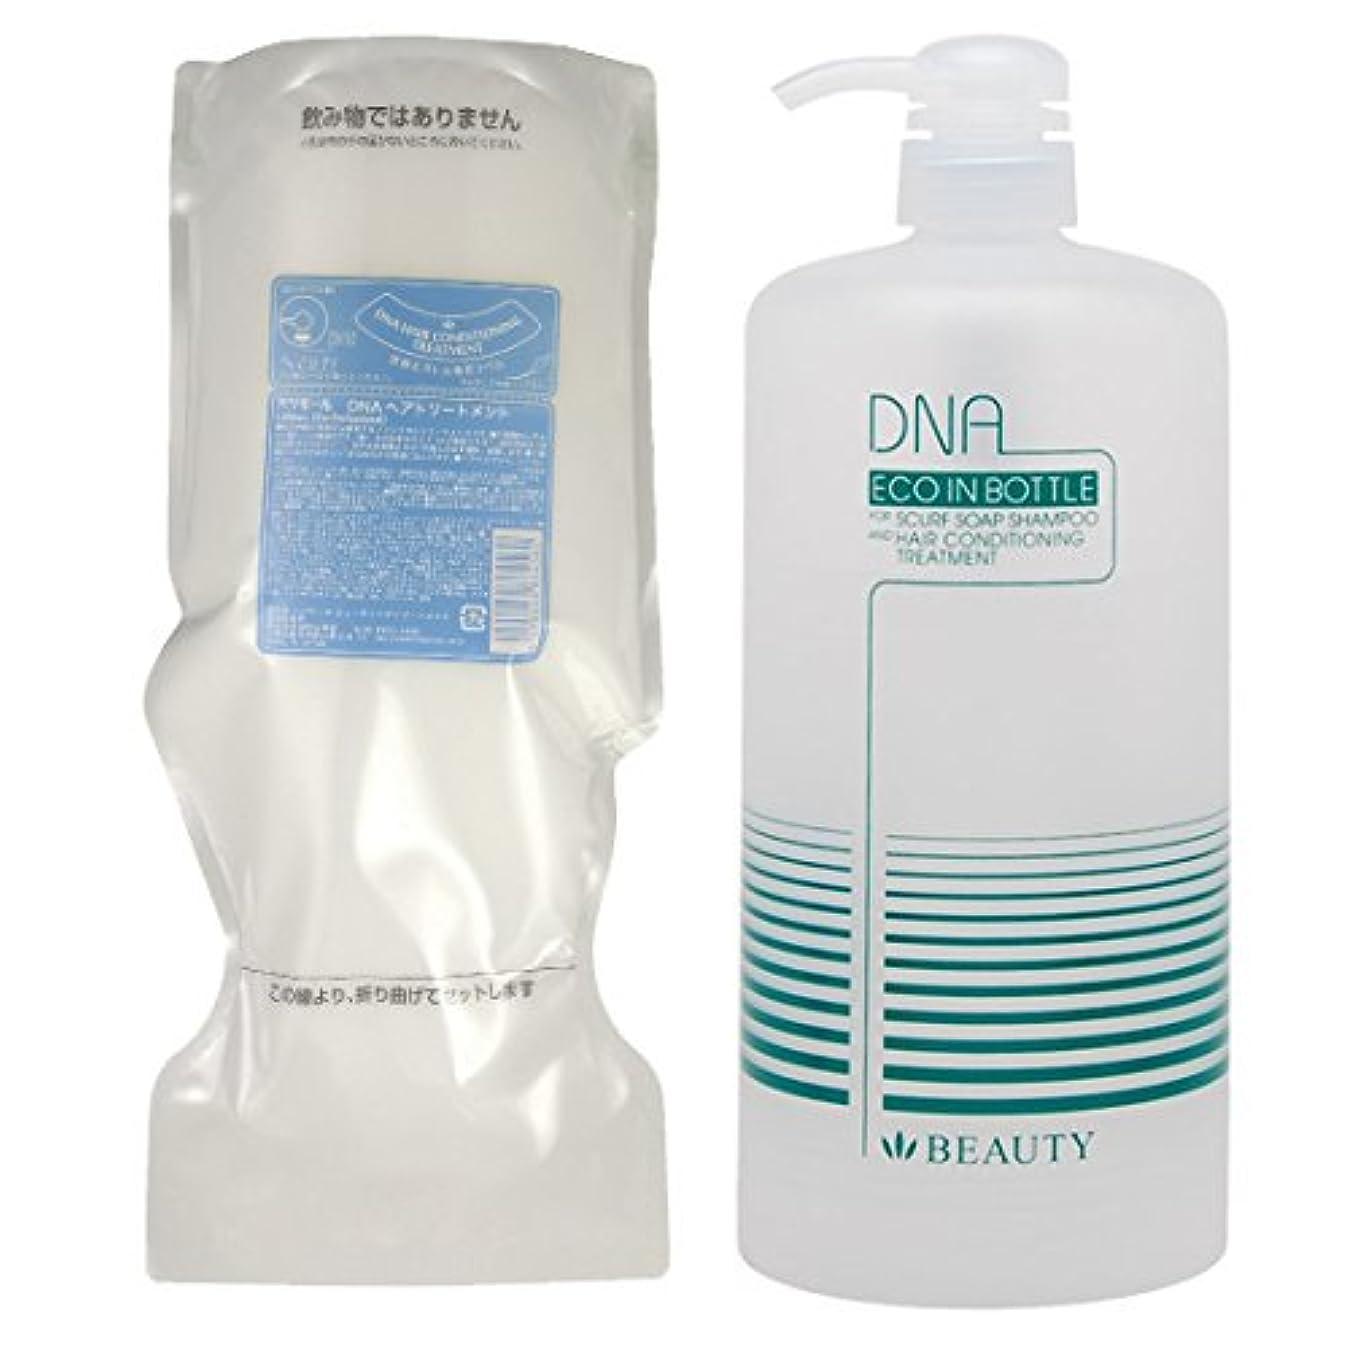 酸素セールうぬぼれハツモール DNA ビューティ ヘアトリートメント 1000g 詰め替え + 専用空容器 セット